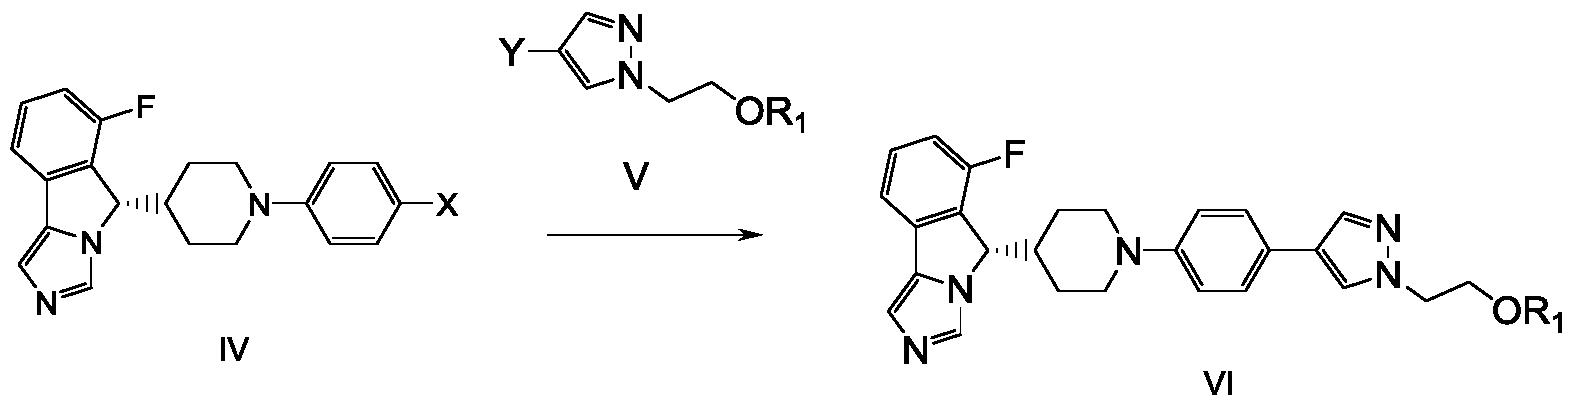 Figure PCTCN2018099113-appb-100008